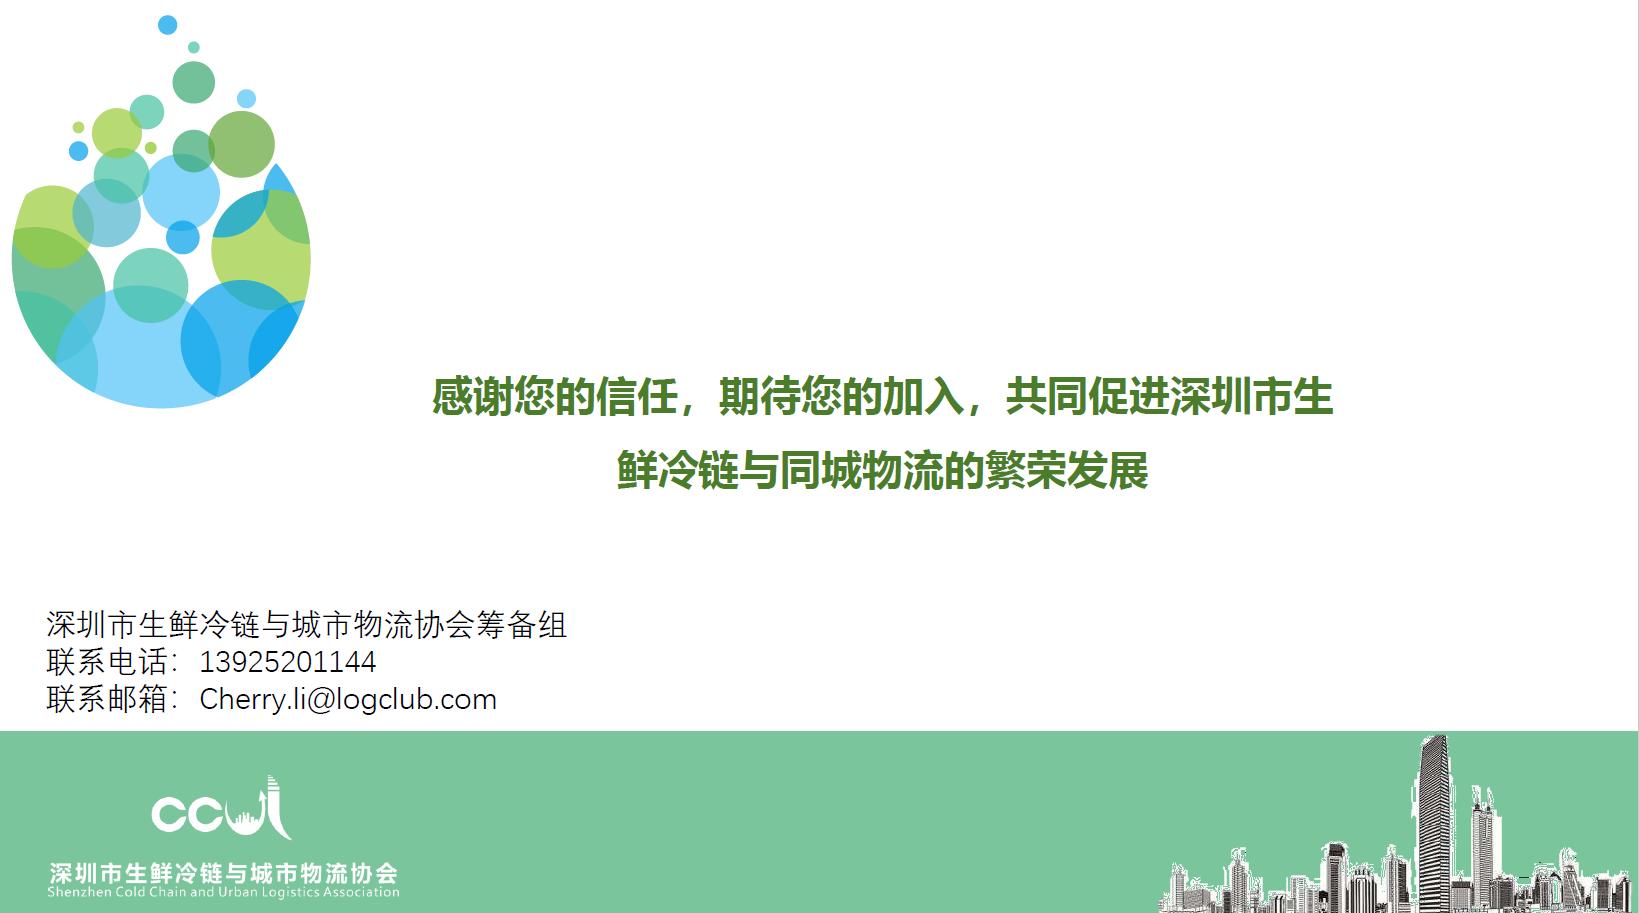 深圳市生鲜冷链与城市物流协会简介